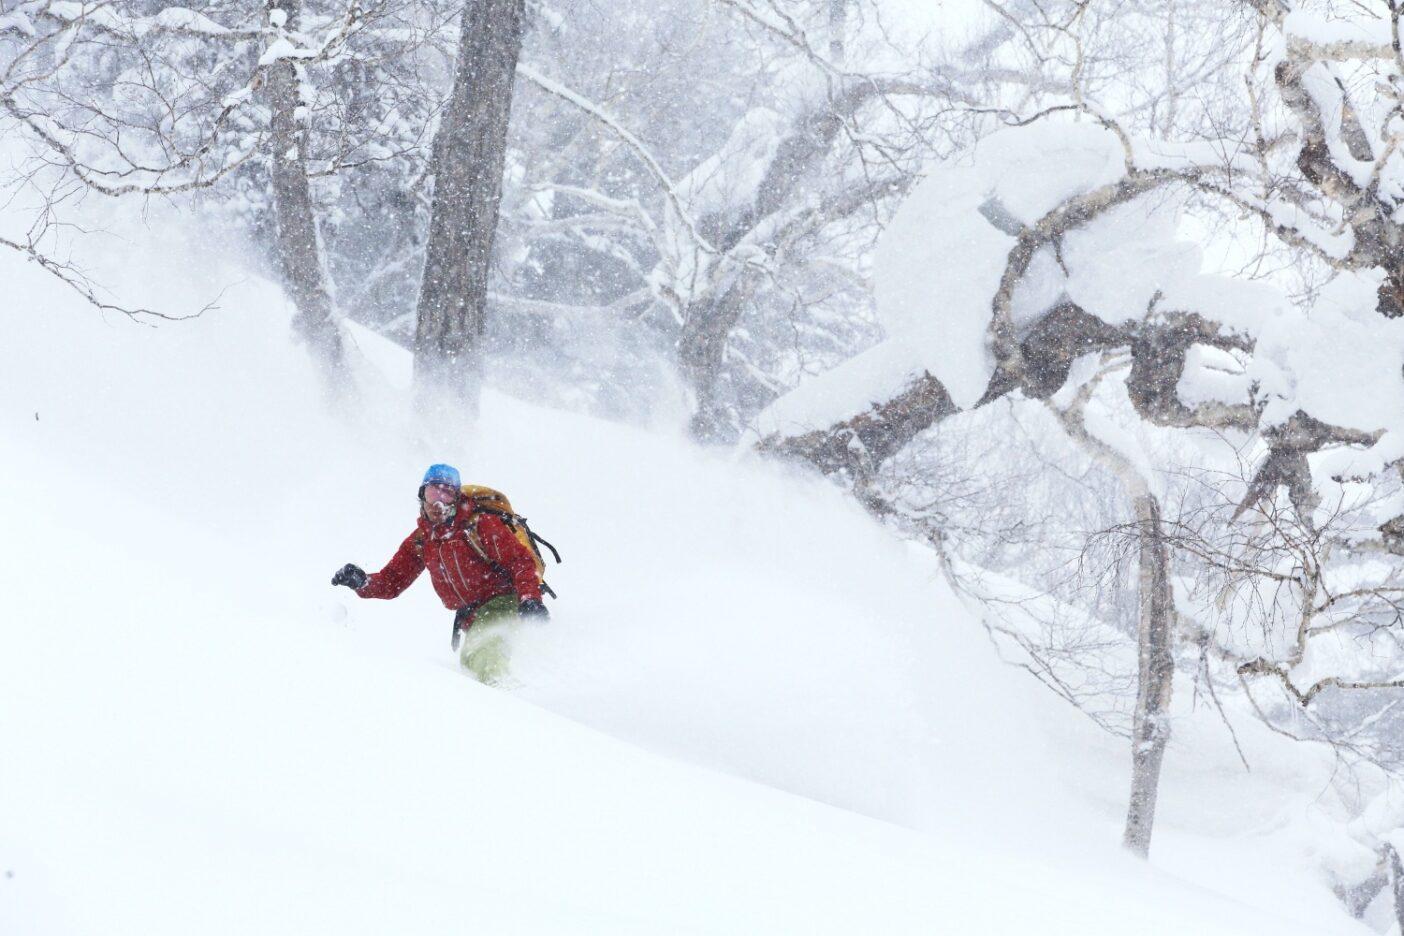 北大雪エリアの日常 写真:大塚伸